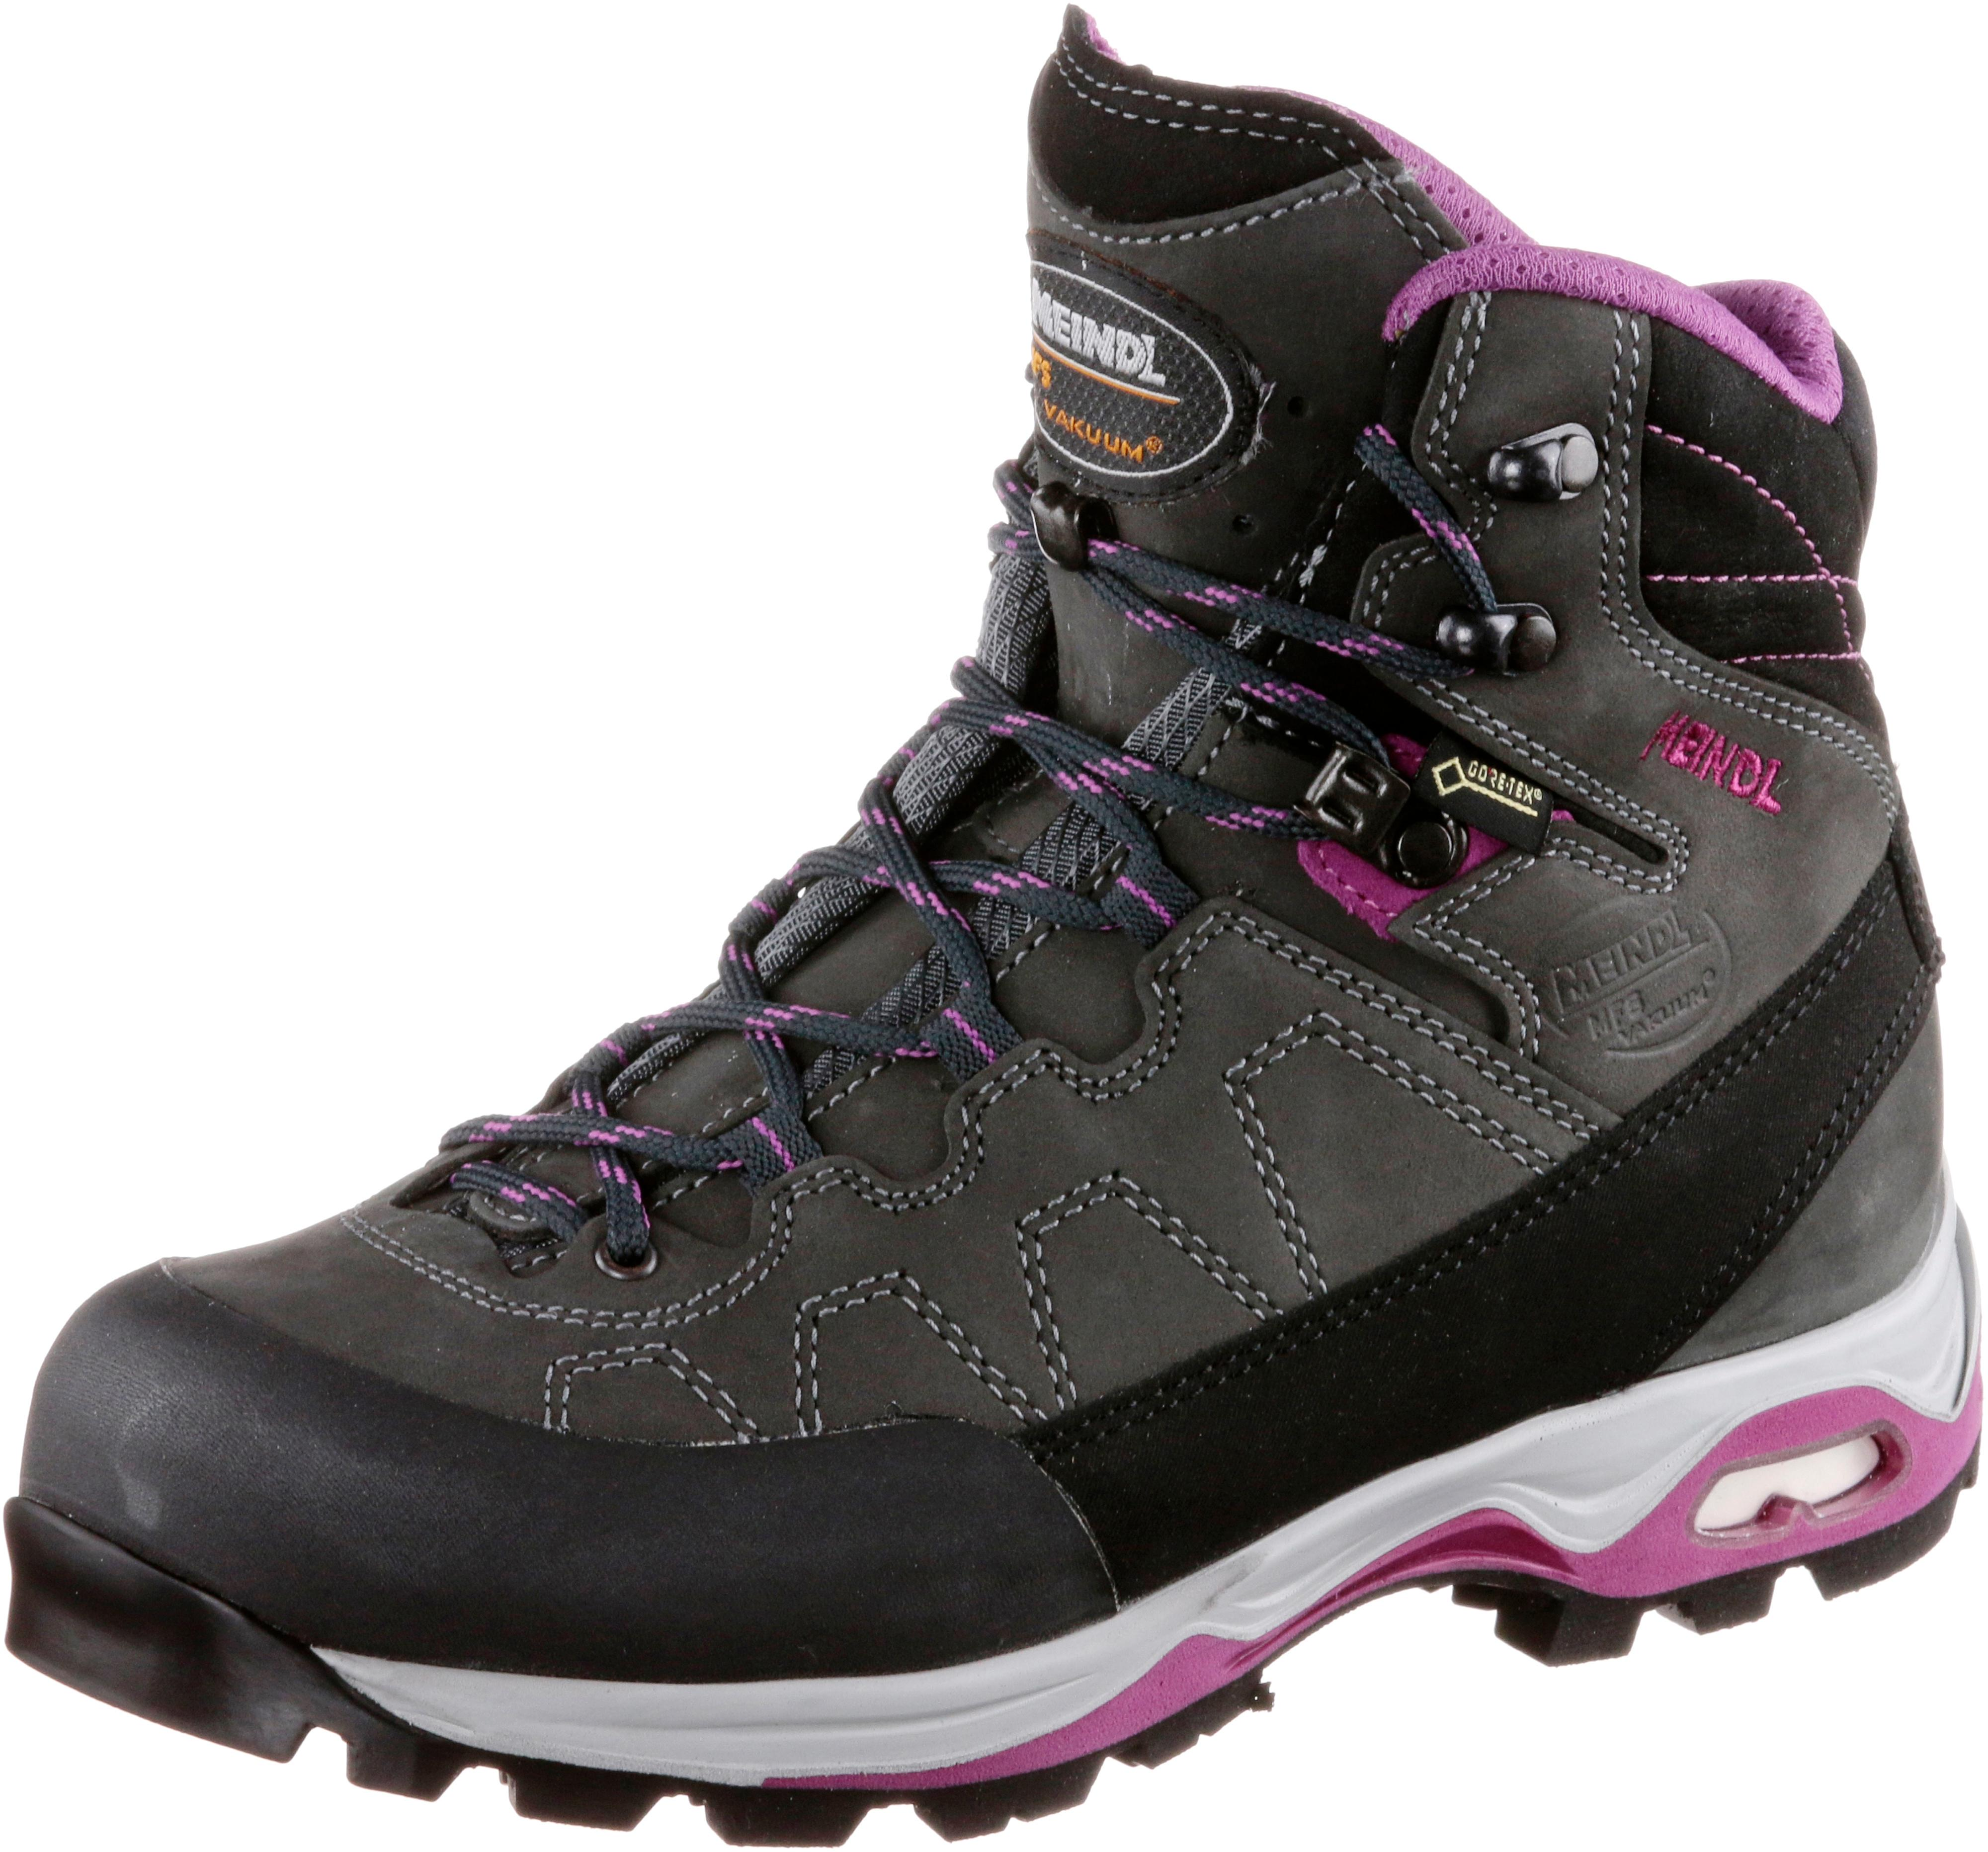 MEINDL Vakuum Sport II GTX Wanderschuhe Damen grau beere im Online Shop von SportScheck kaufen Gute Qualität beliebte Schuhe